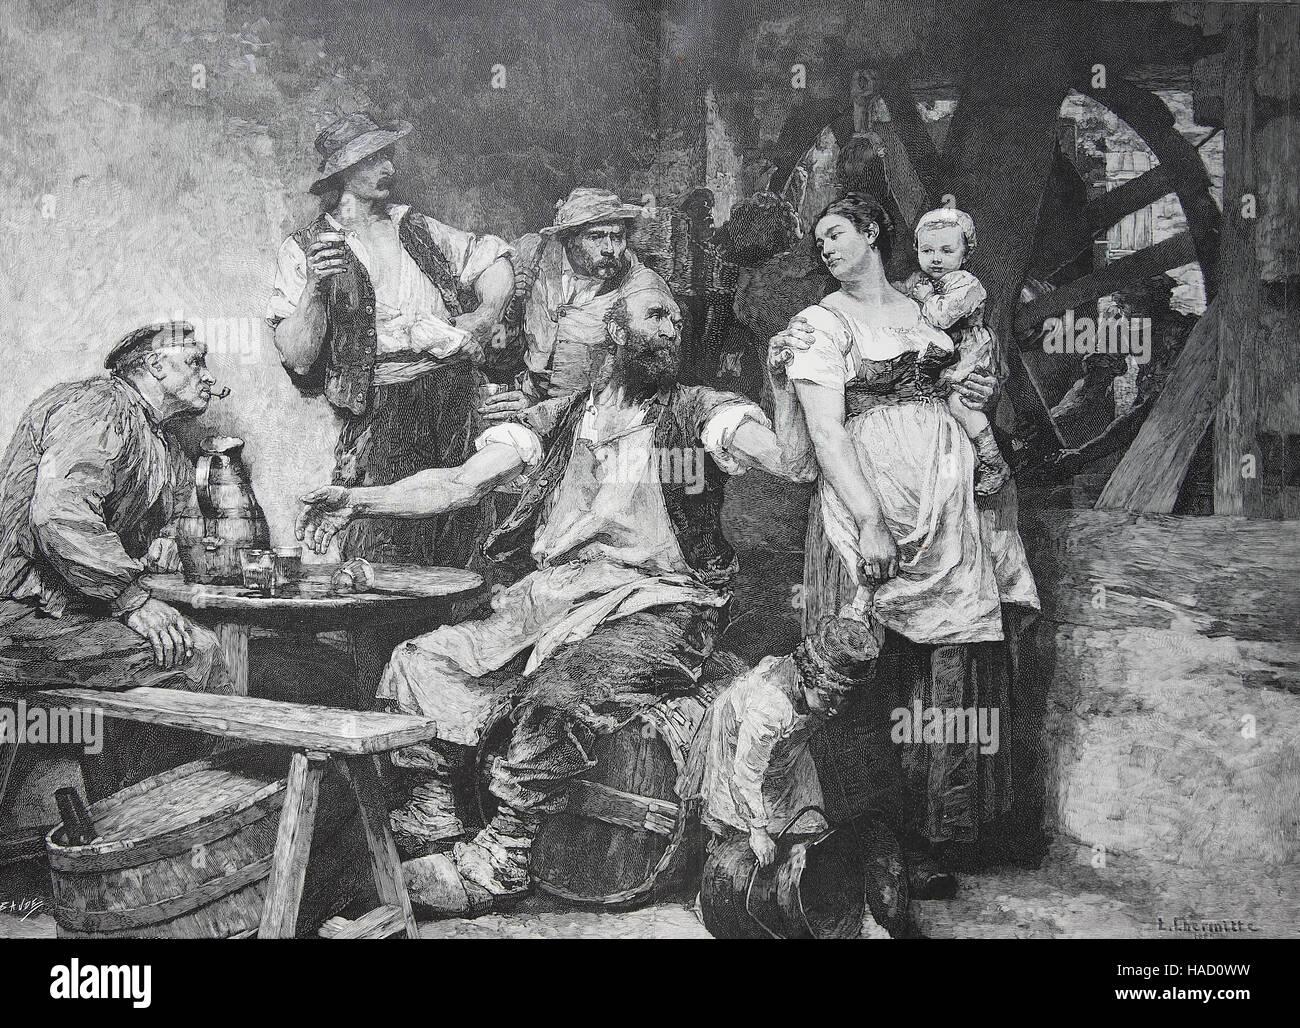 Dans l'ancienne auberge, France, par L. Lhermitte,un peintre français, illustration publié en 1880 Photo Stock